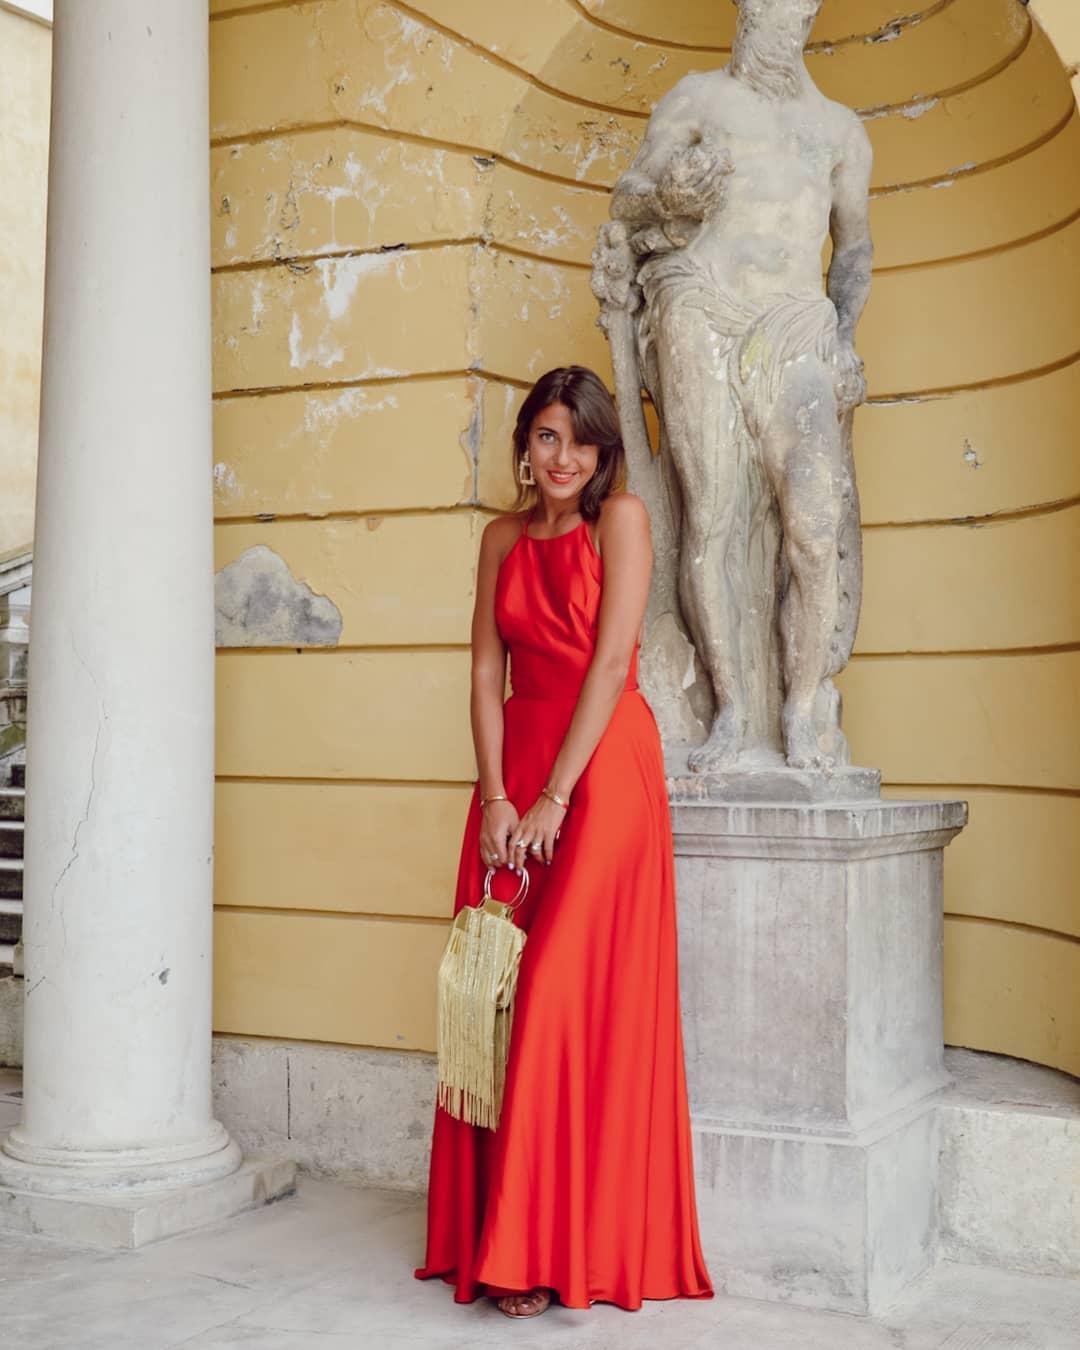 модный летние образы в красном цвете фото 13